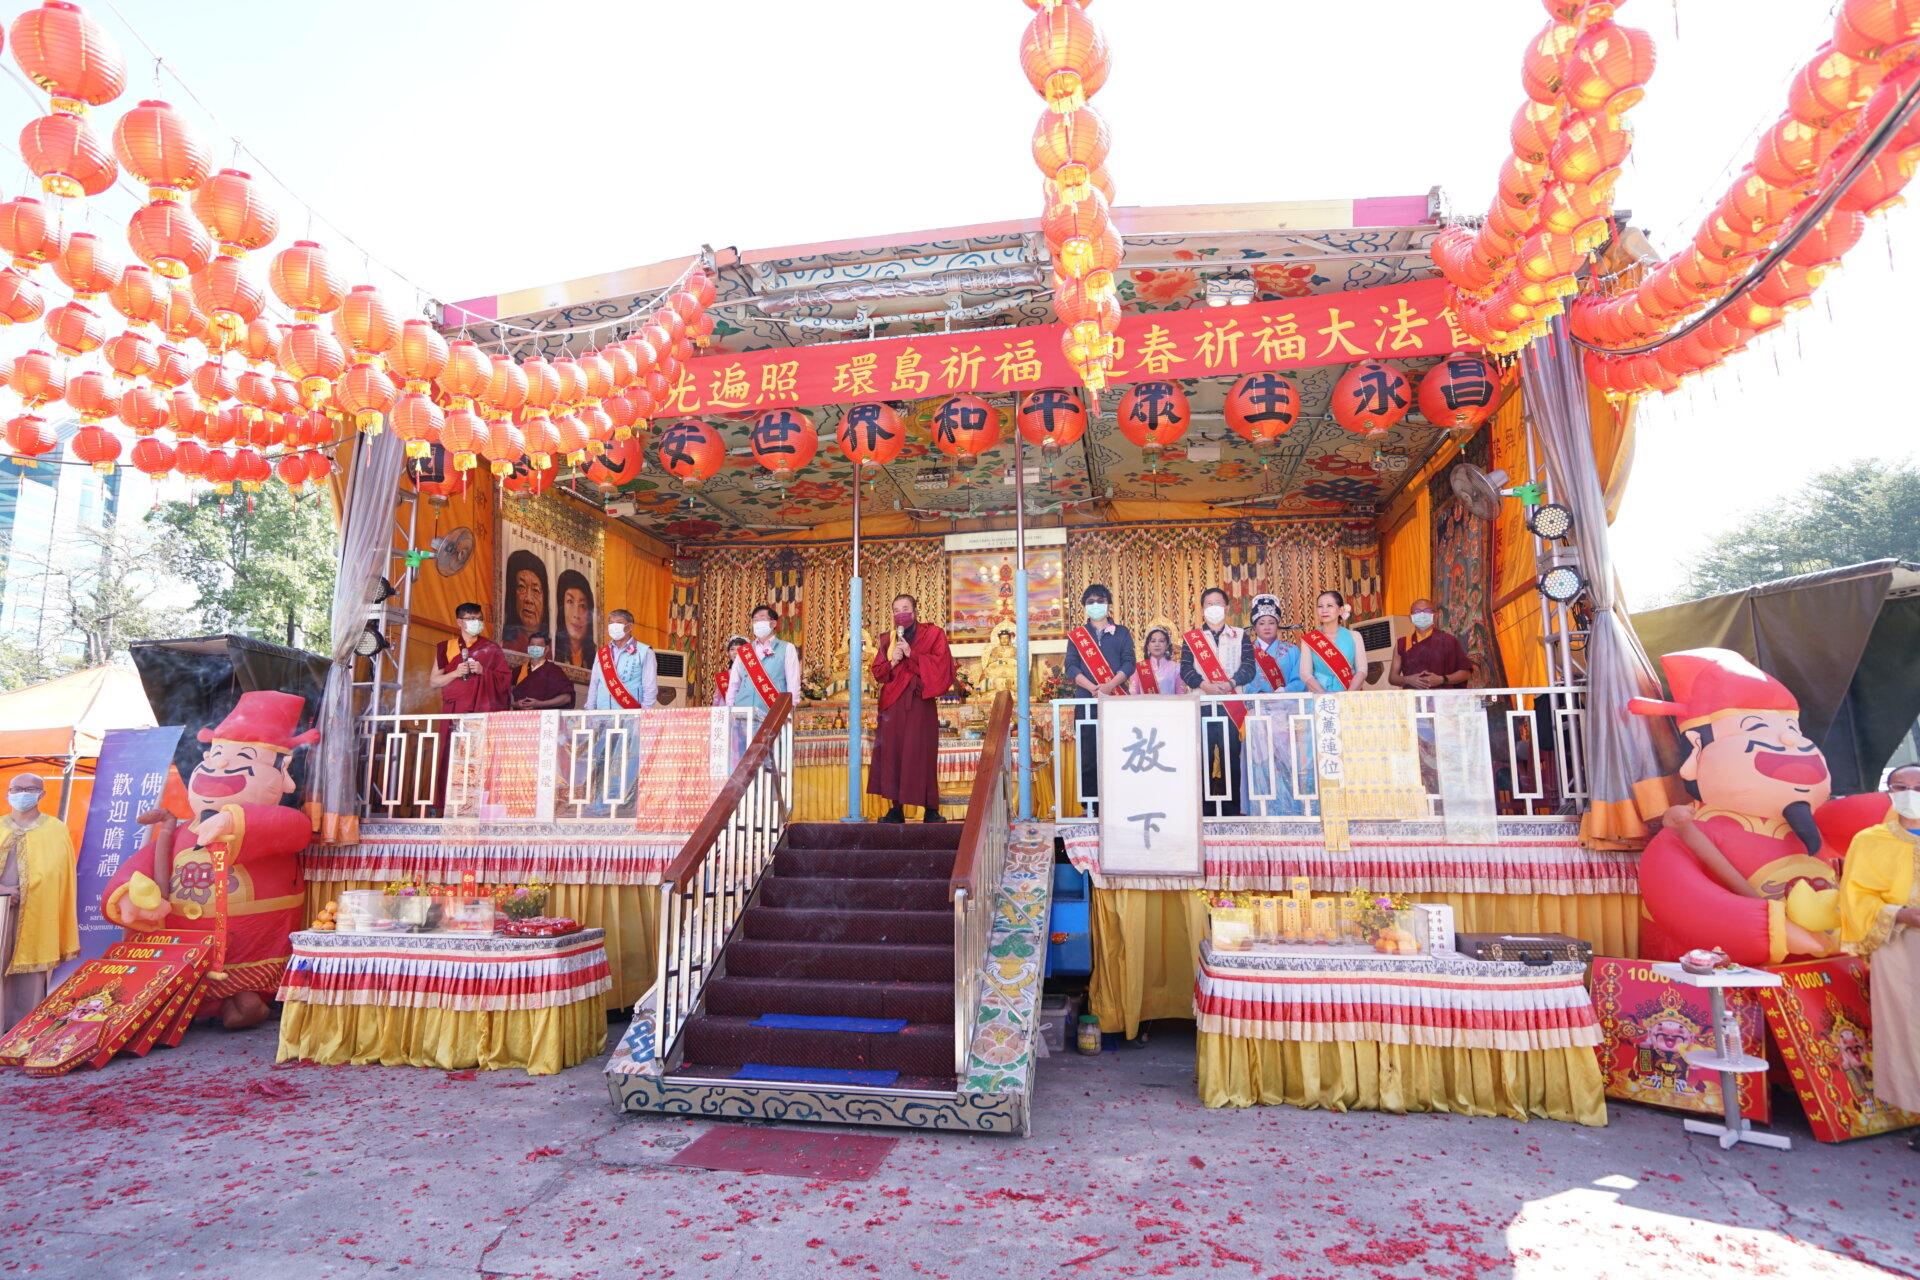 行動佛殿123站高雄前鎮,本會指導上師恆性嘉措仁波且感謝貴賓蒞臨祈福